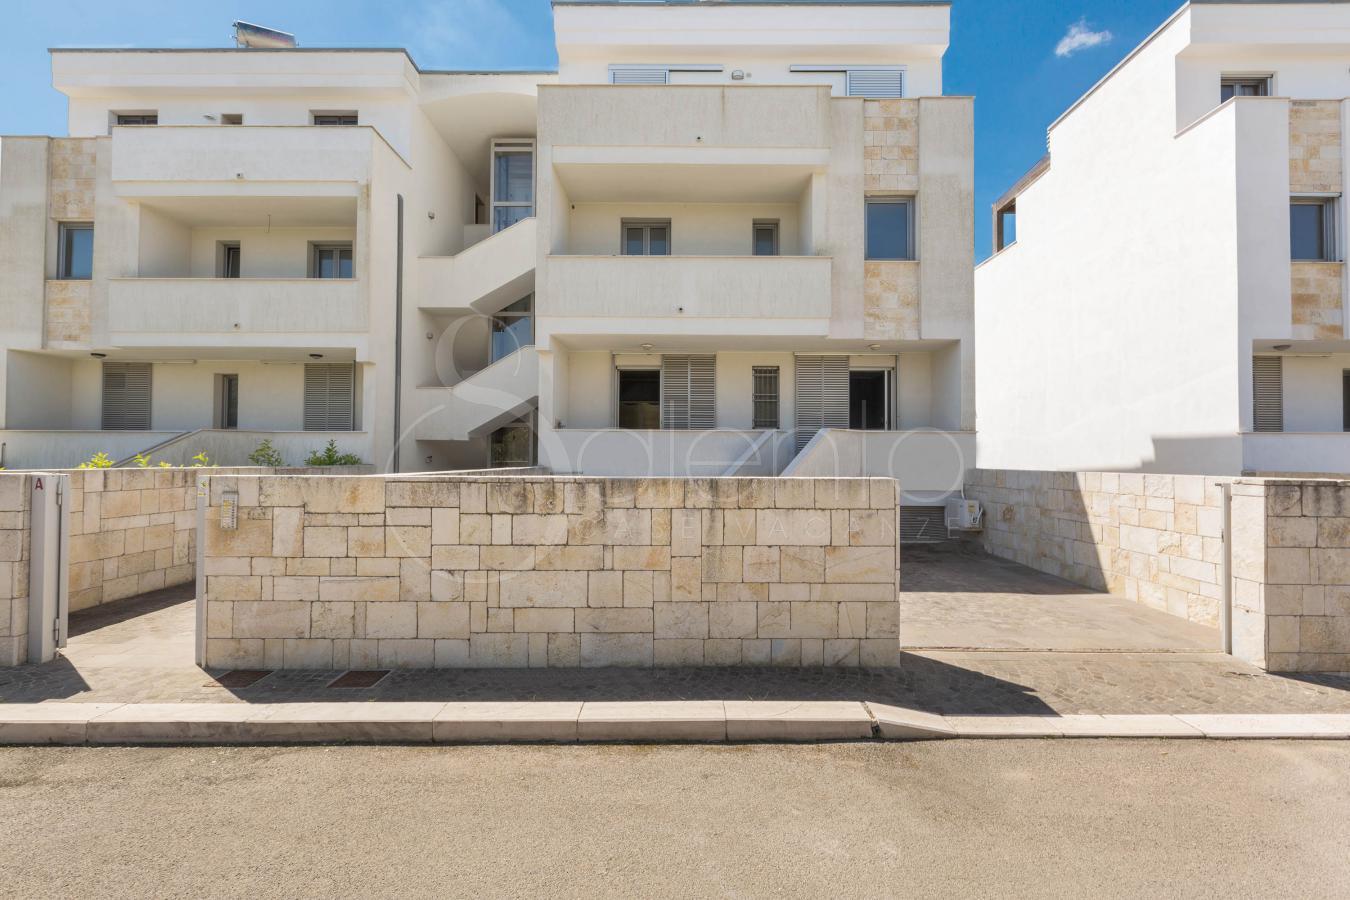 ville e villette - Porto Cesareo - Appartamento della Luna